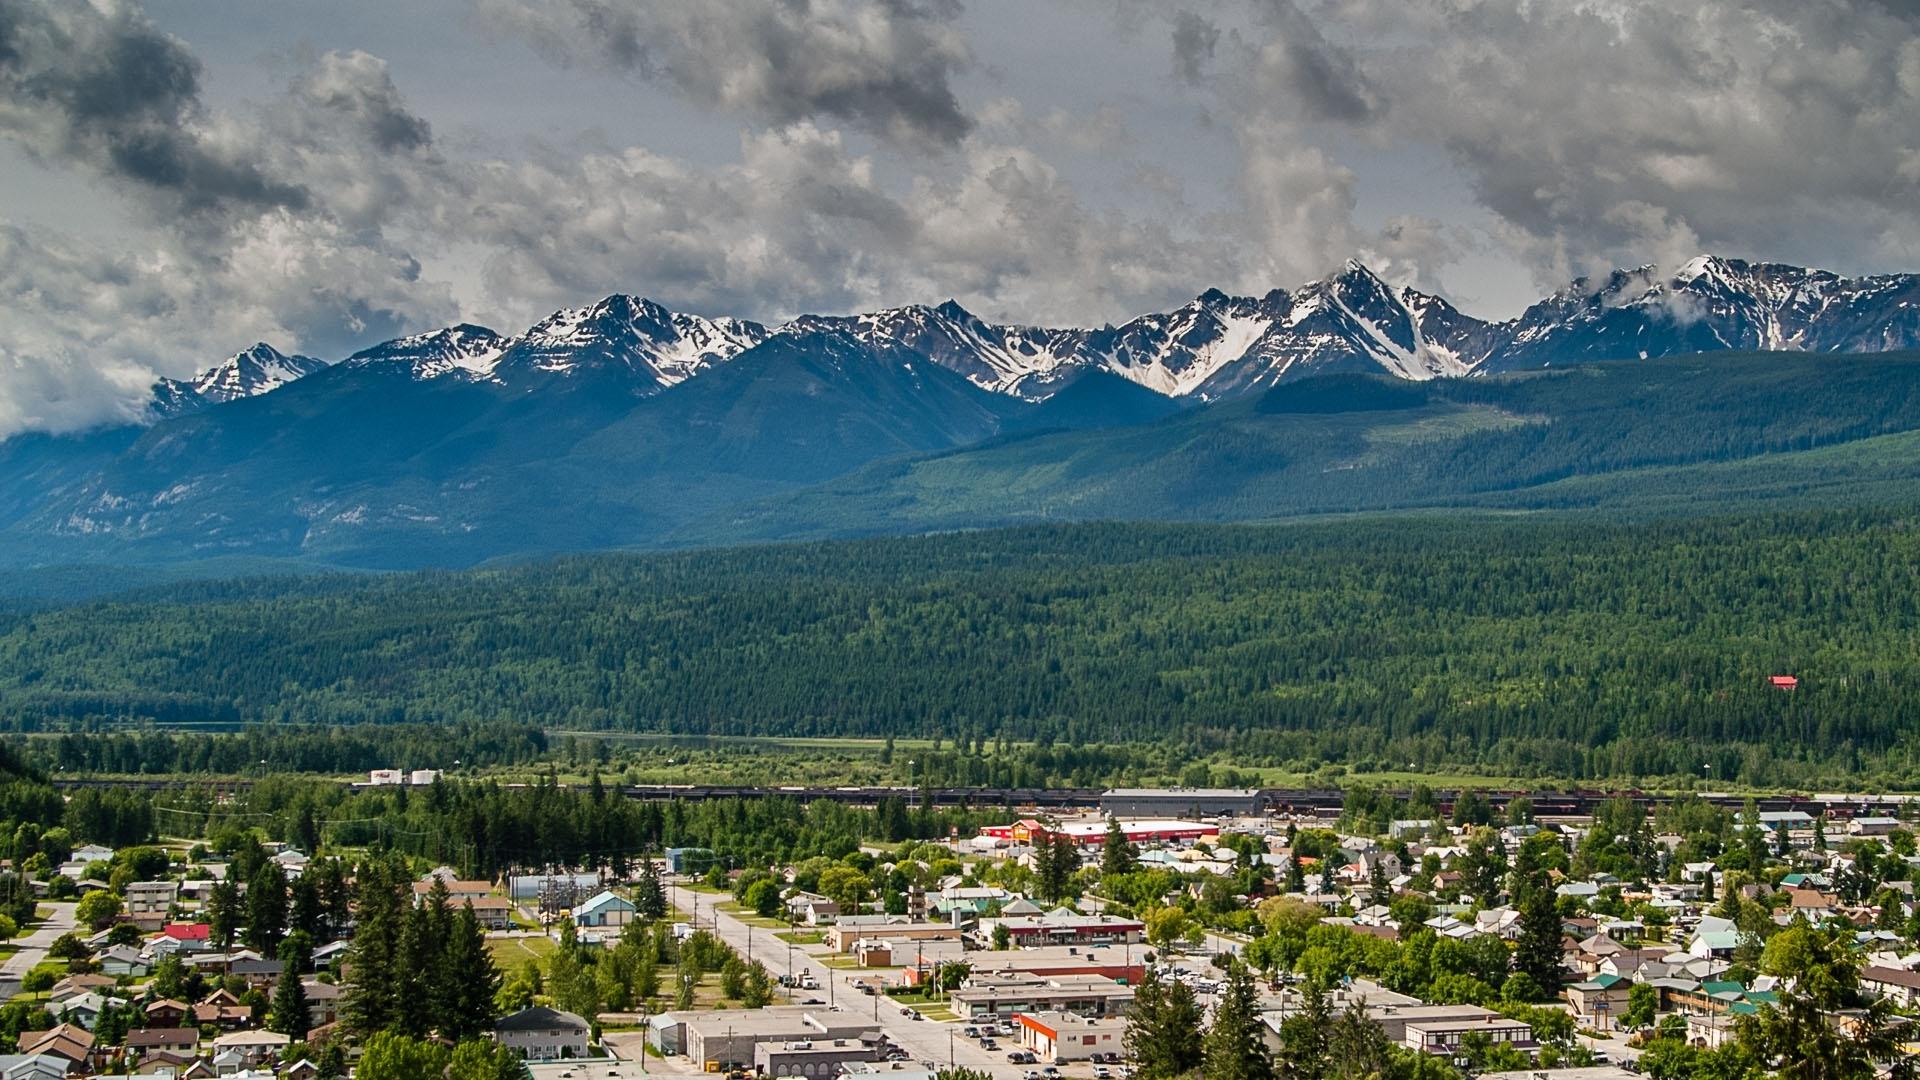 Golden, British Columbia CA